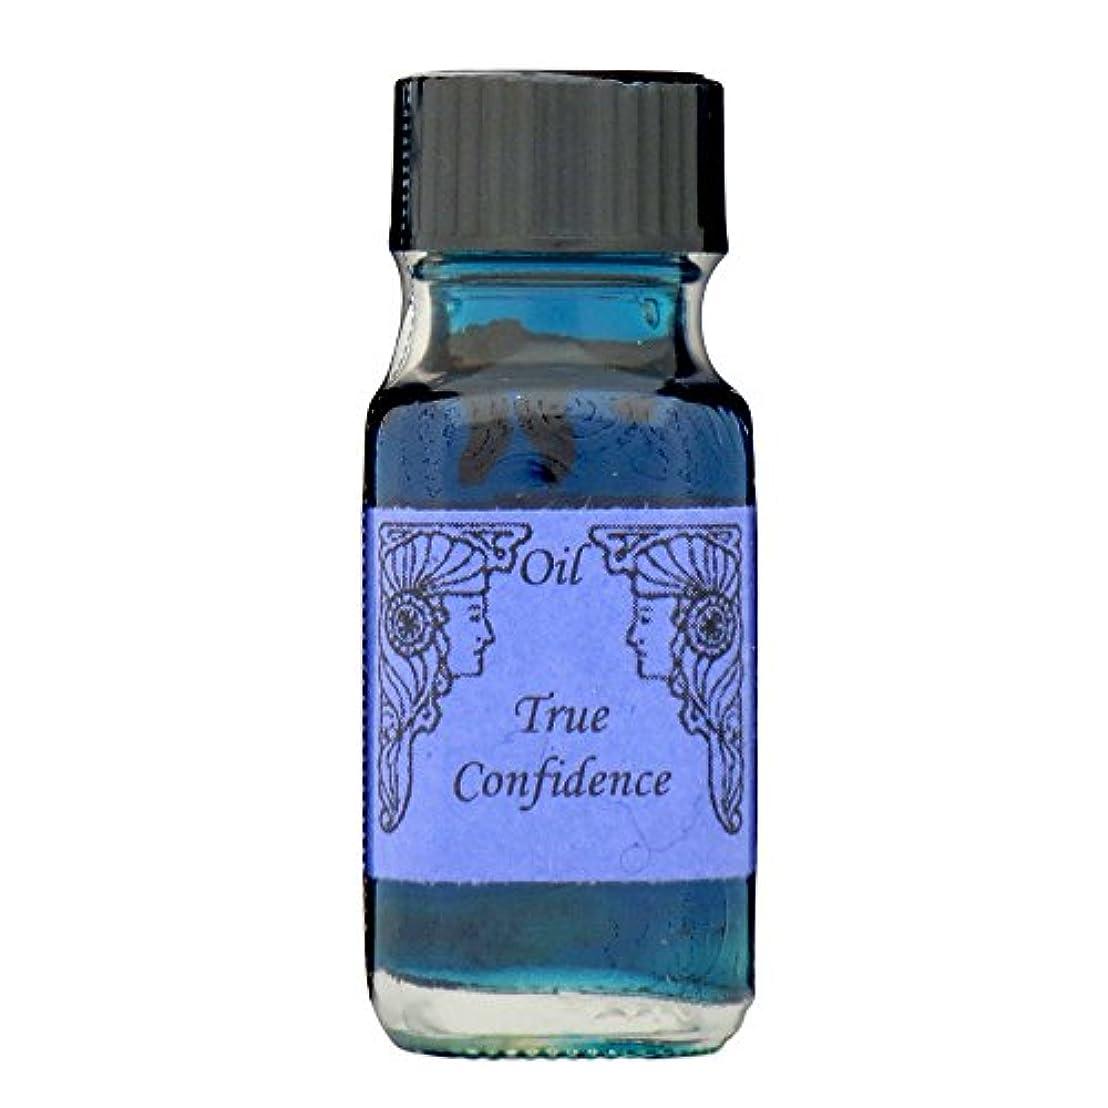 全体モンゴメリー調和アンシェントメモリーオイル トゥルーコンフィデンス (真の自信) 15ml (Ancient Memory Oils)